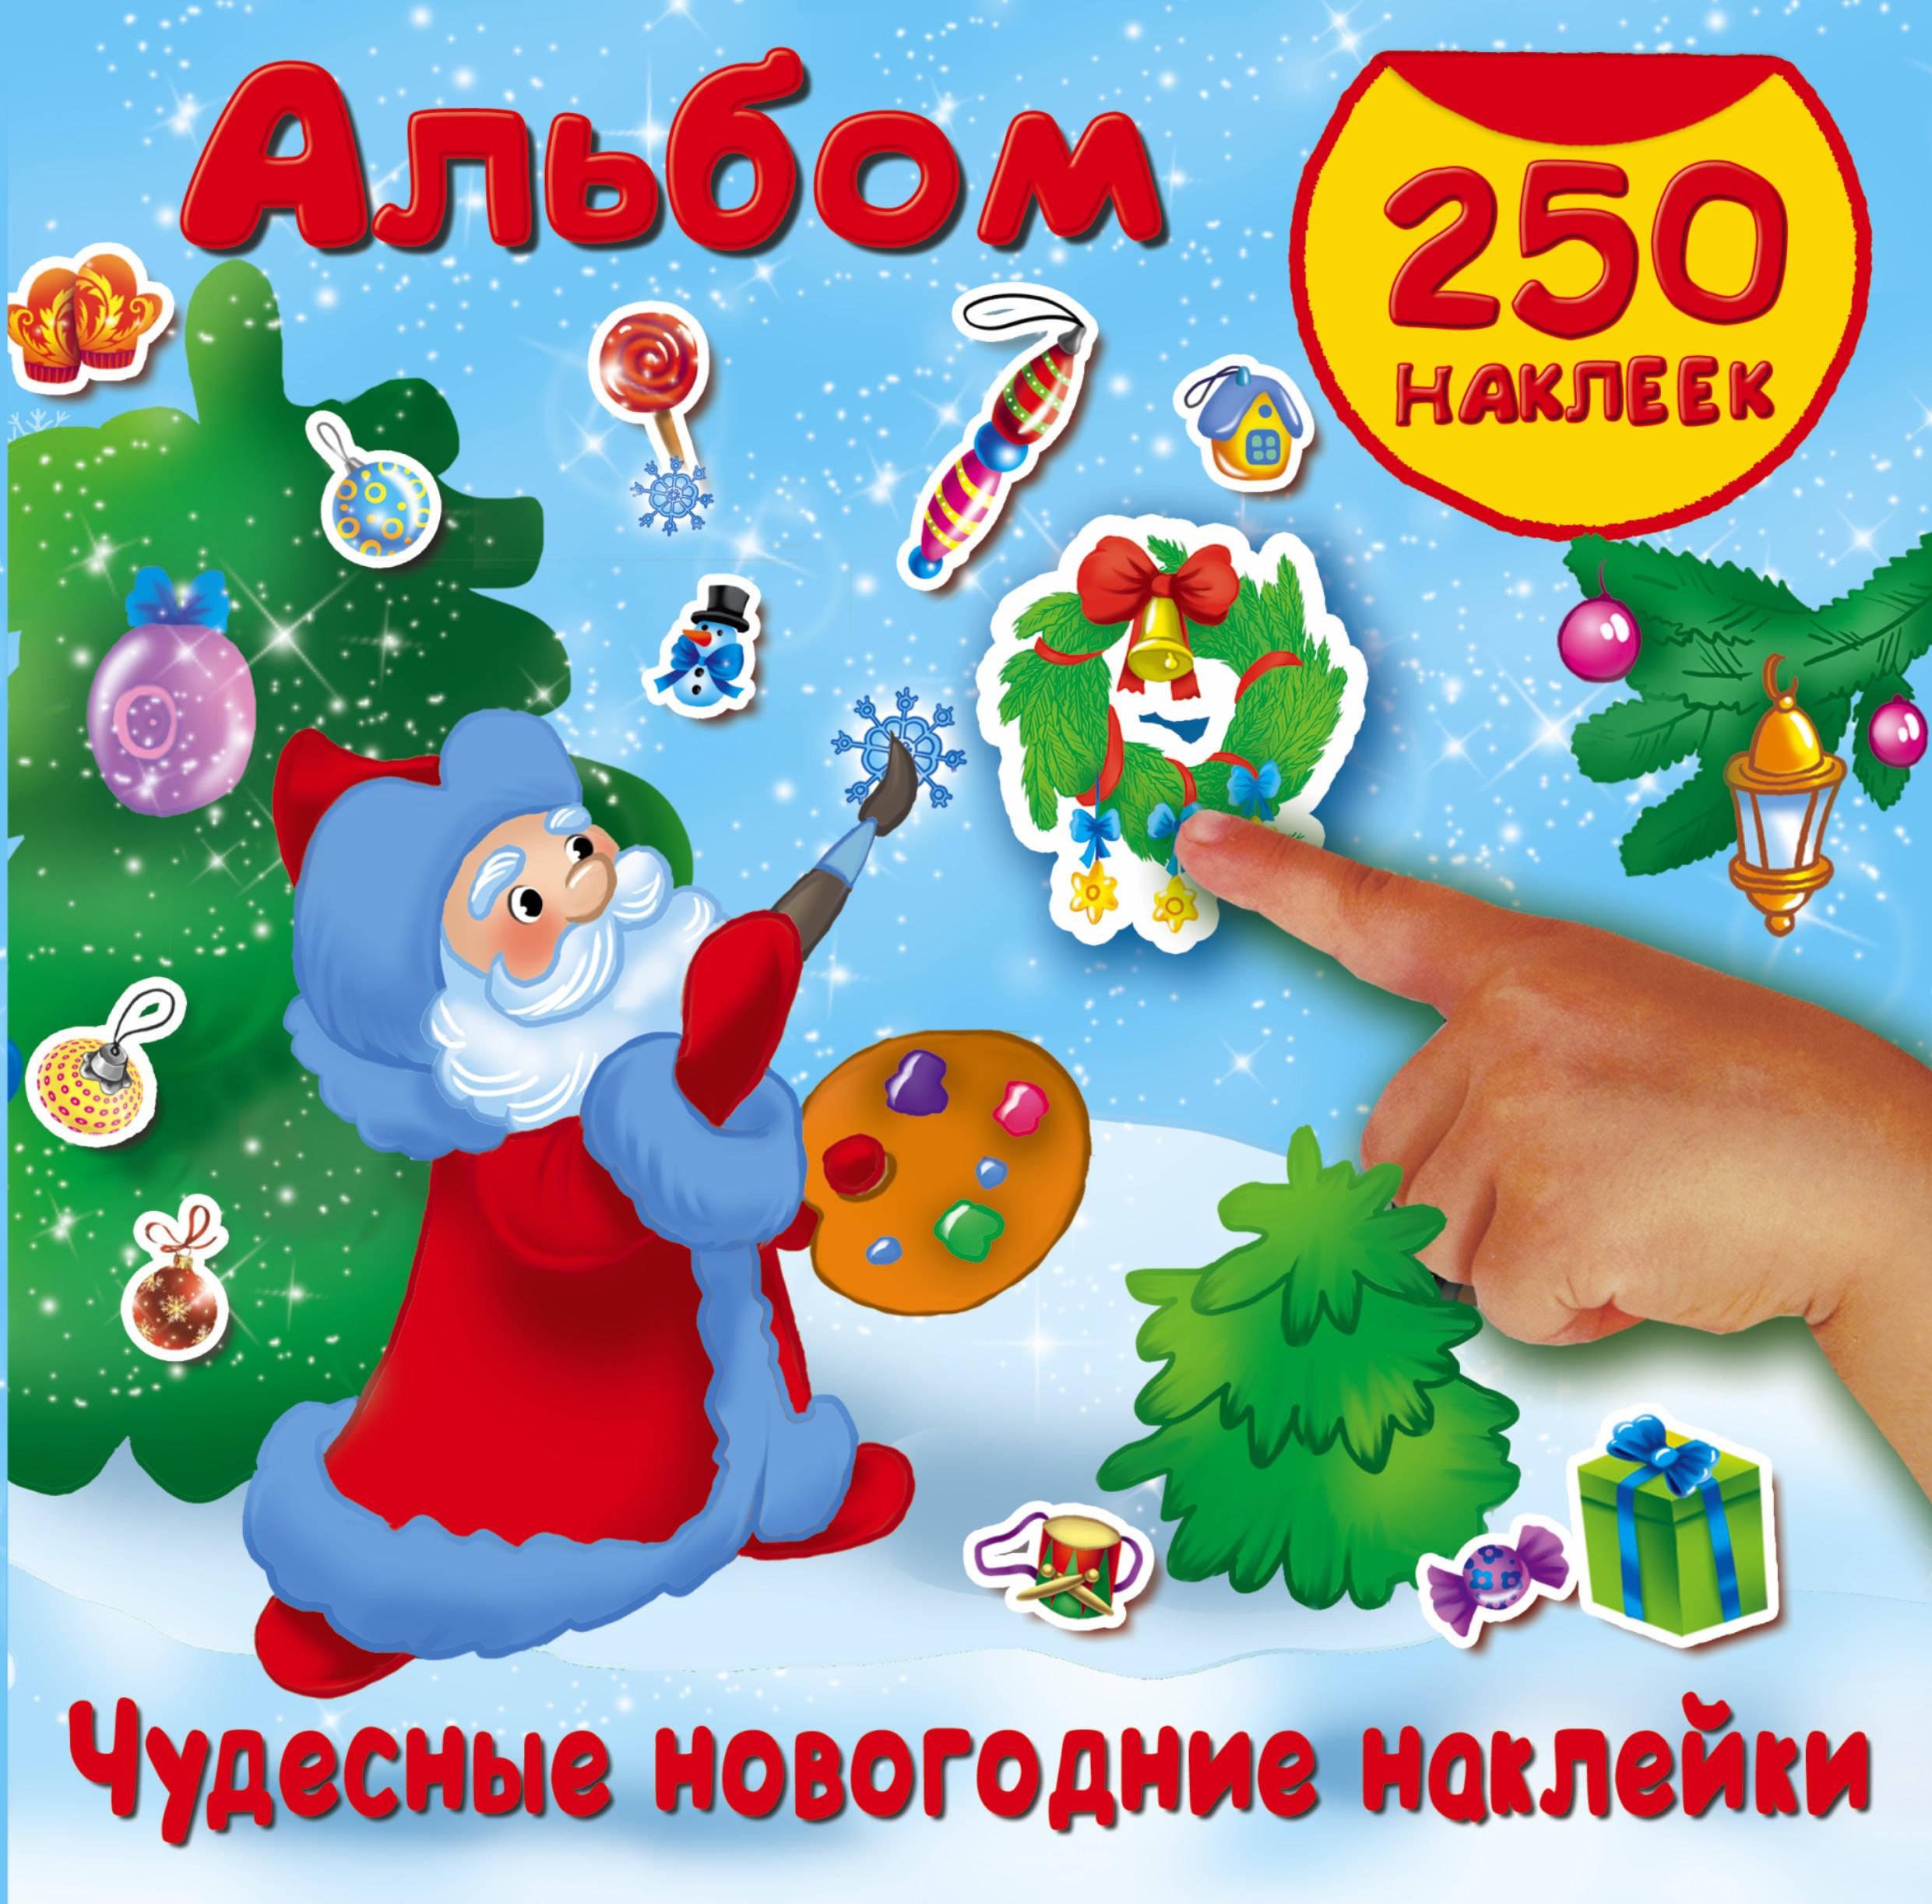 Чудесные новогодние наклейки катриона кларк и леони пратт новогодние чудеса 600 наклеек